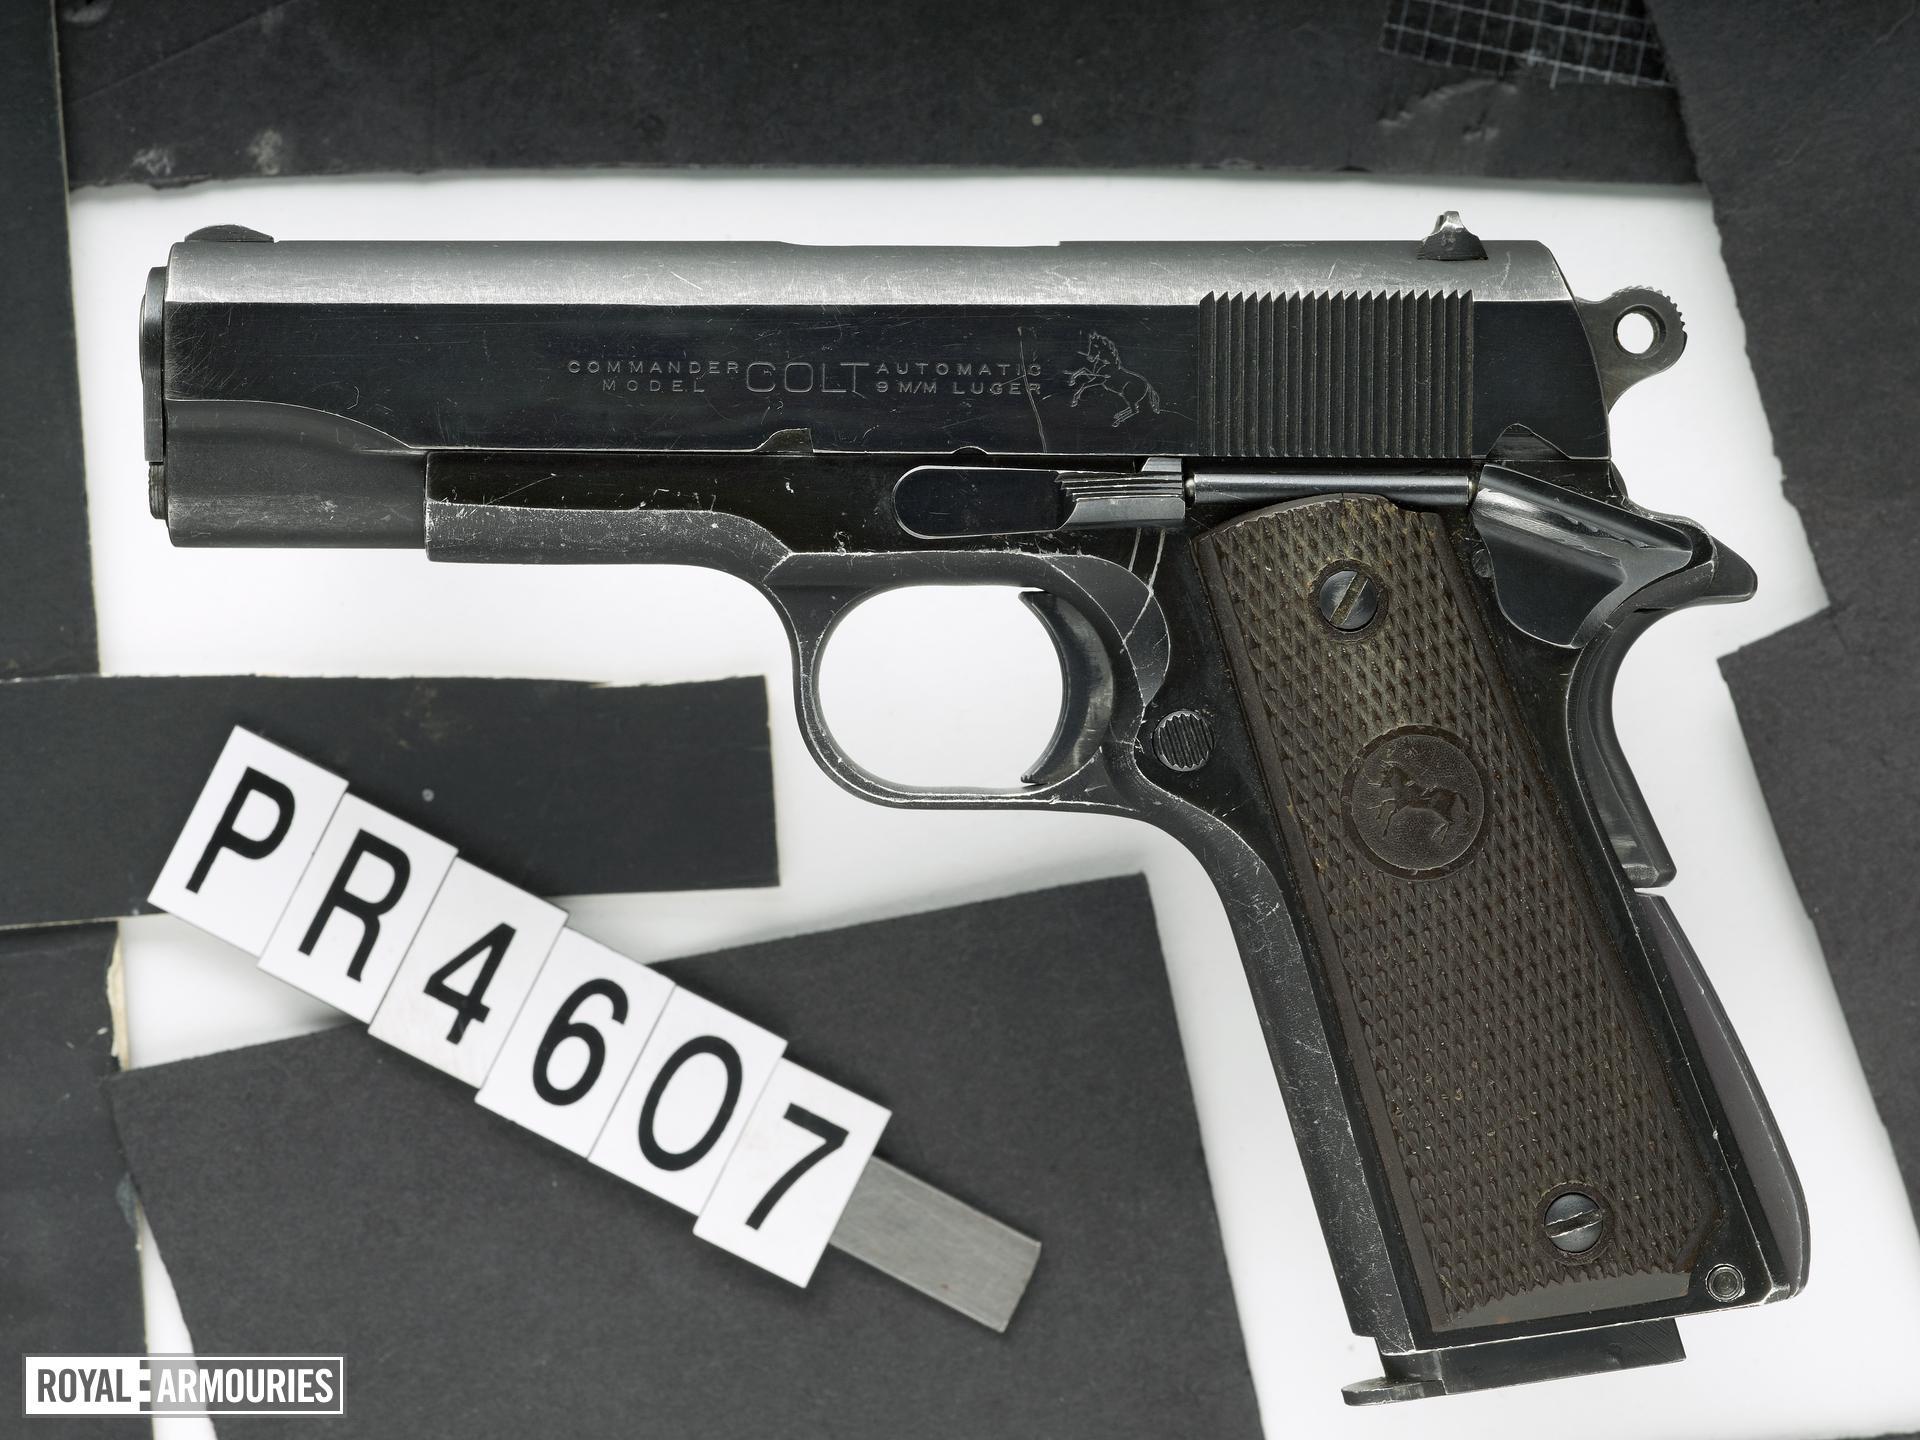 Centrefire self-loading pistol - Colt Commander